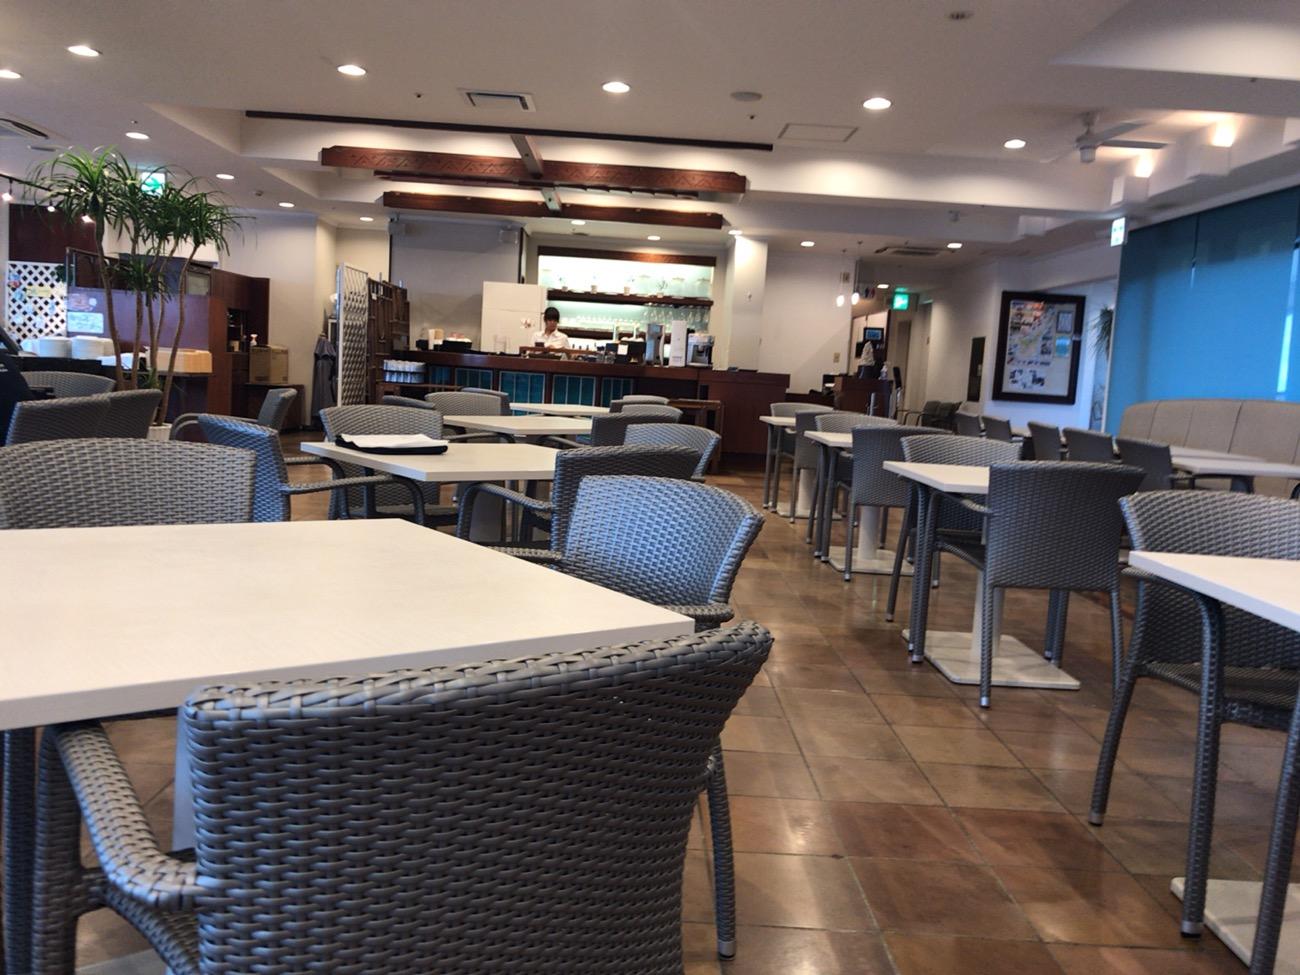 石垣島朝食がいいホテル 朝食ビュッフェ沖縄料理バイキング